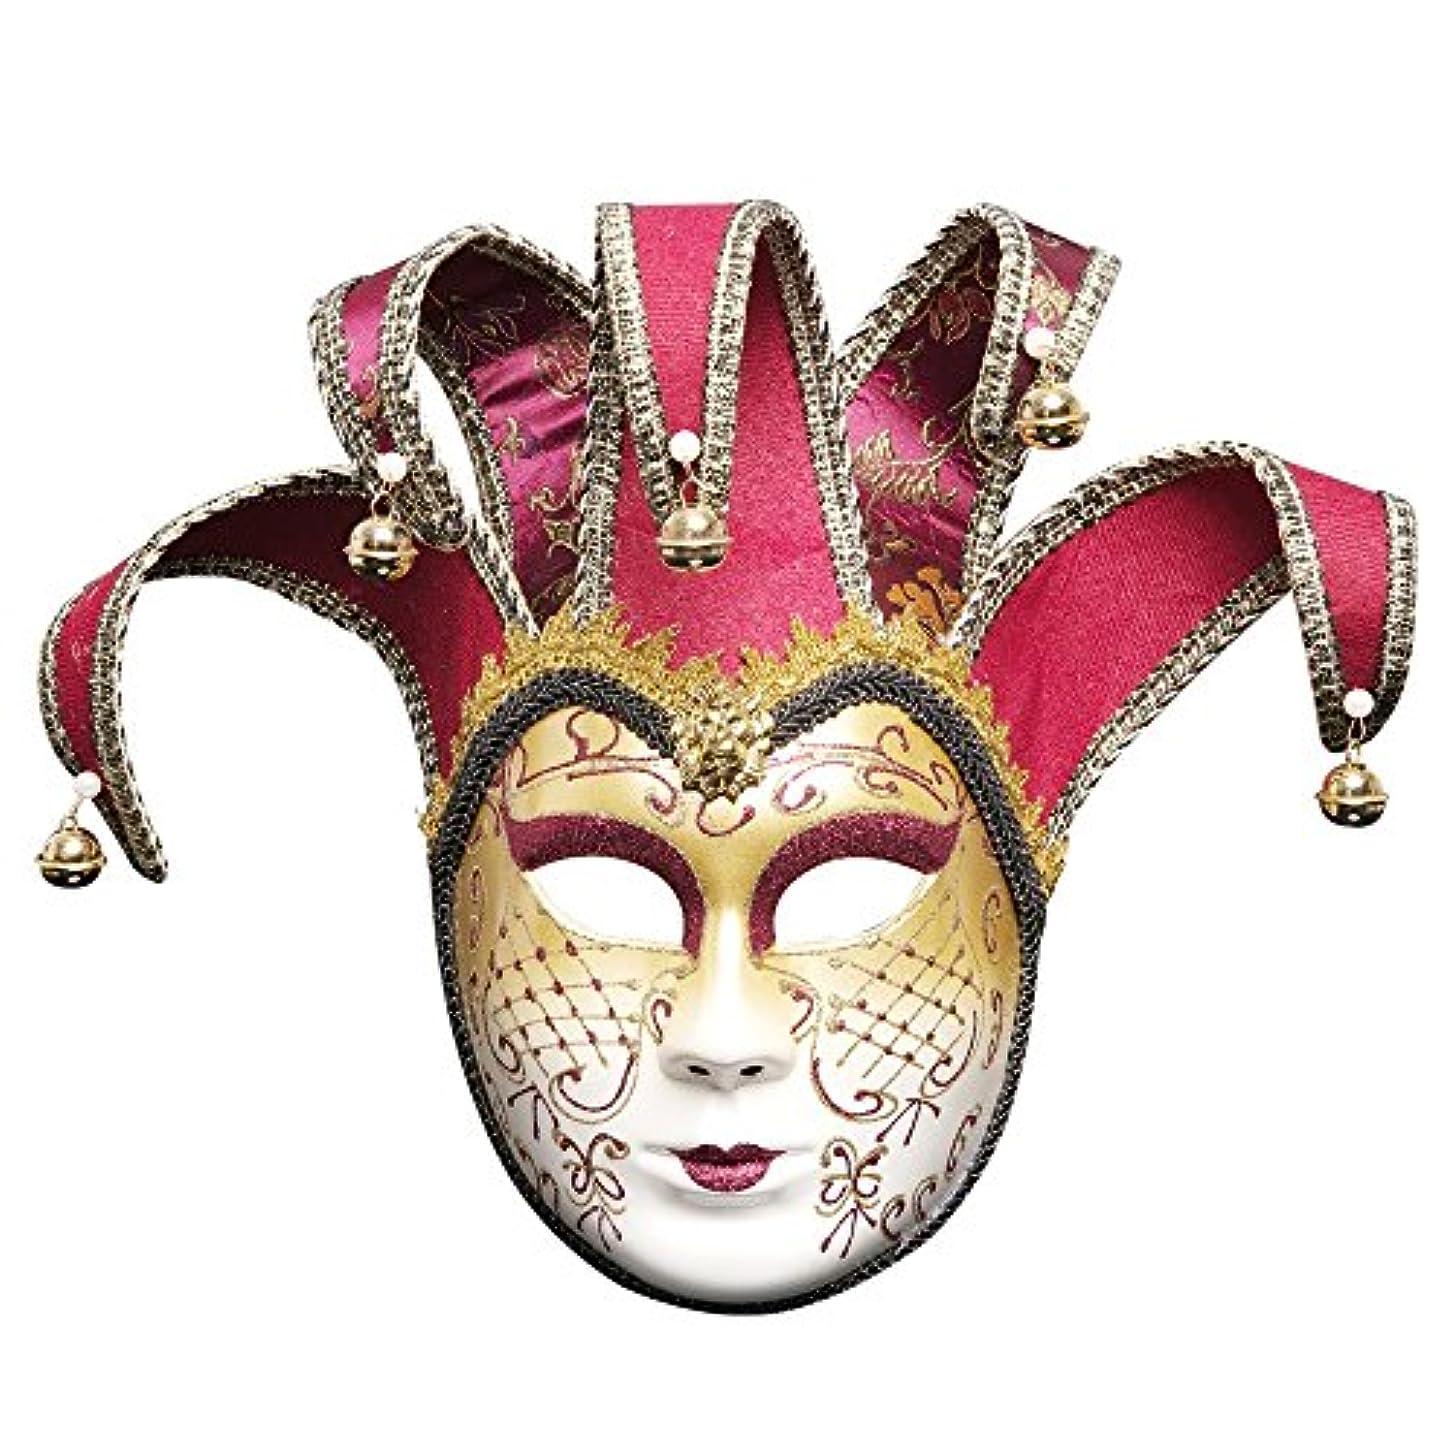 便利さ粒残るハロウィンボールパーティーマスククリスマスクリエイティブ新しいフルフェイスメイクアップマスク (Color : A)